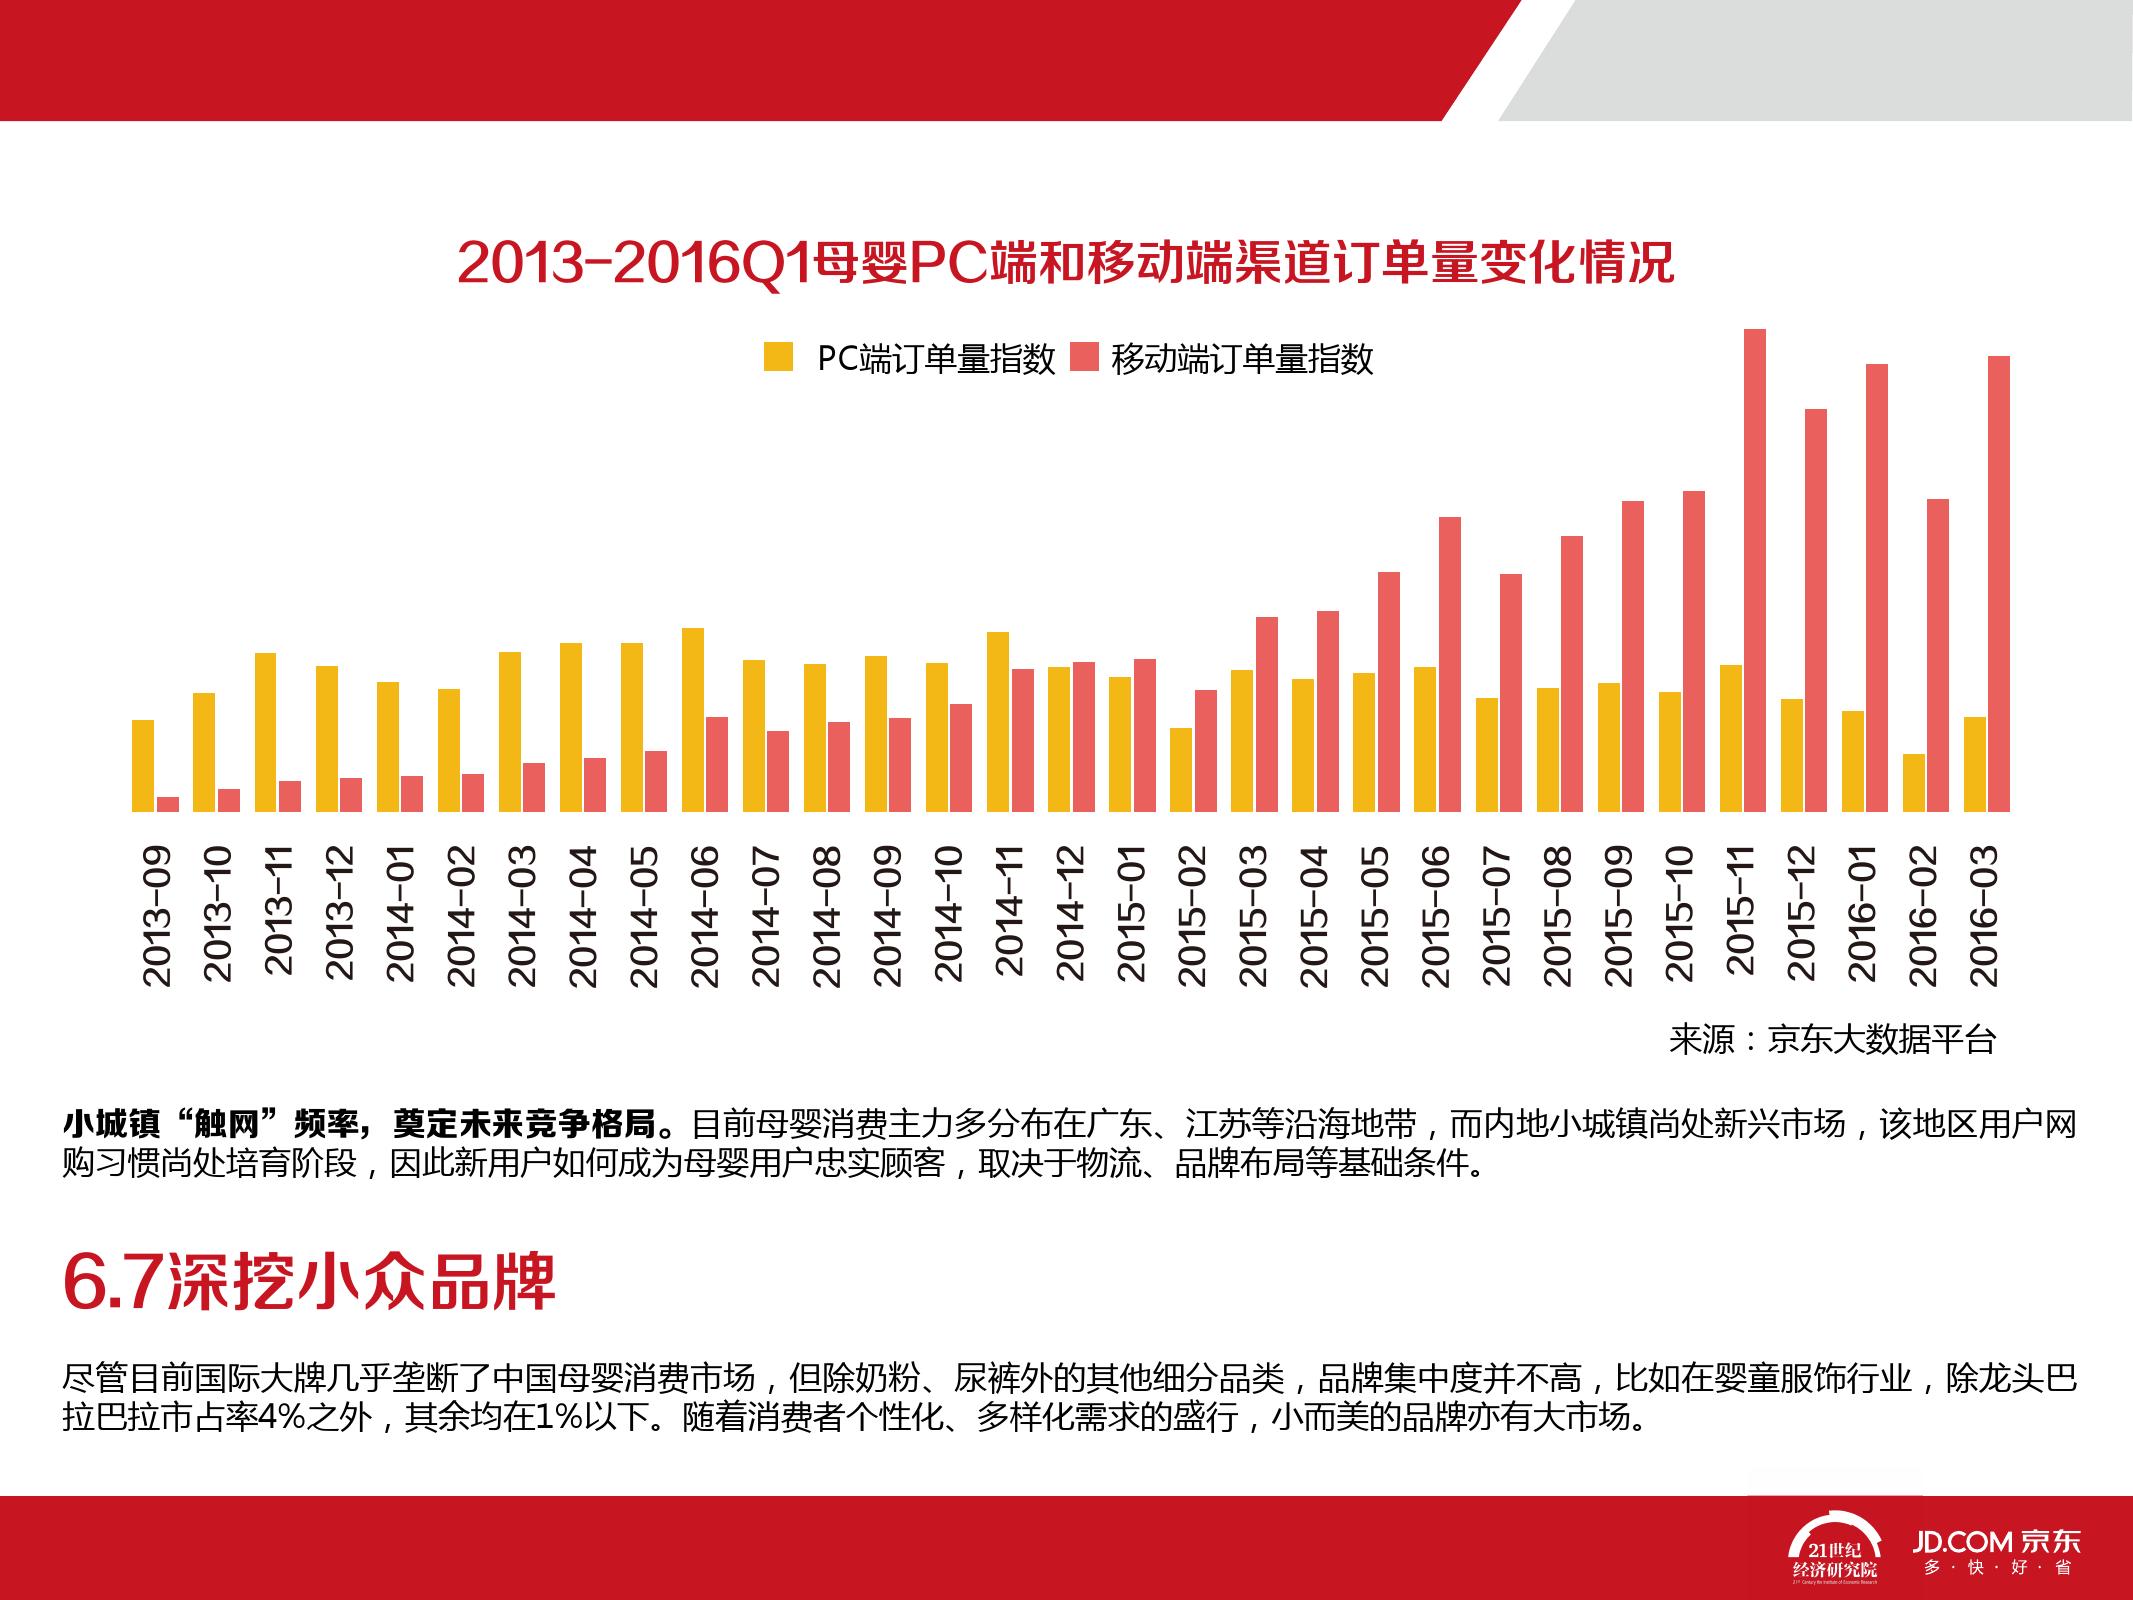 2016中国母婴产品消费趋势报告_000074